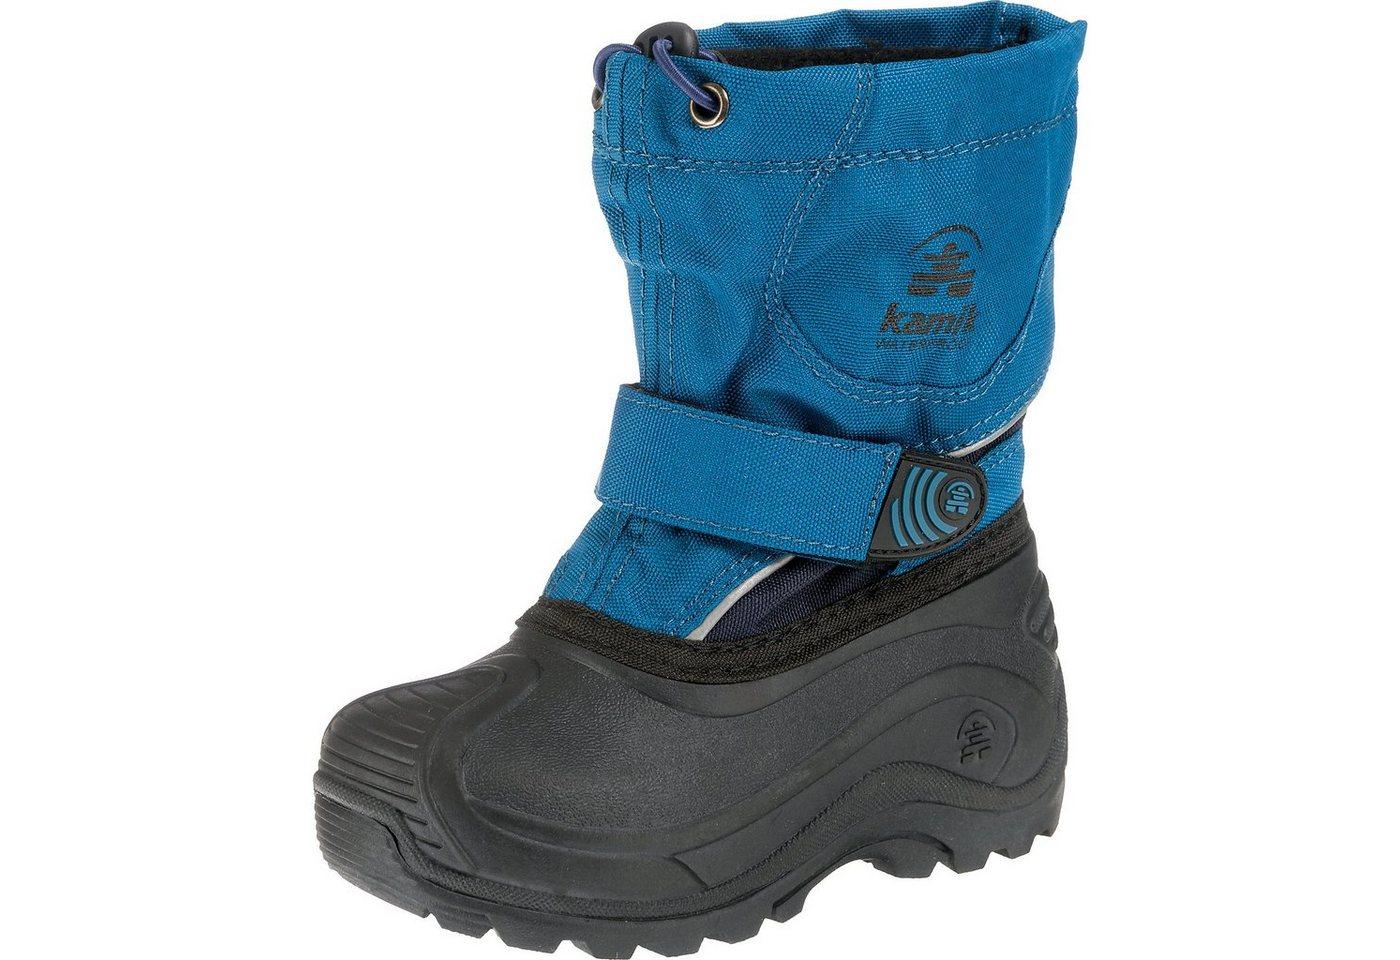 Damen,  Mädchen,  Kinder MyToys-COLLECTION Winterstiefel SNOWBLAST2 für Mädchen von kamik blau, grau | 00056551451006